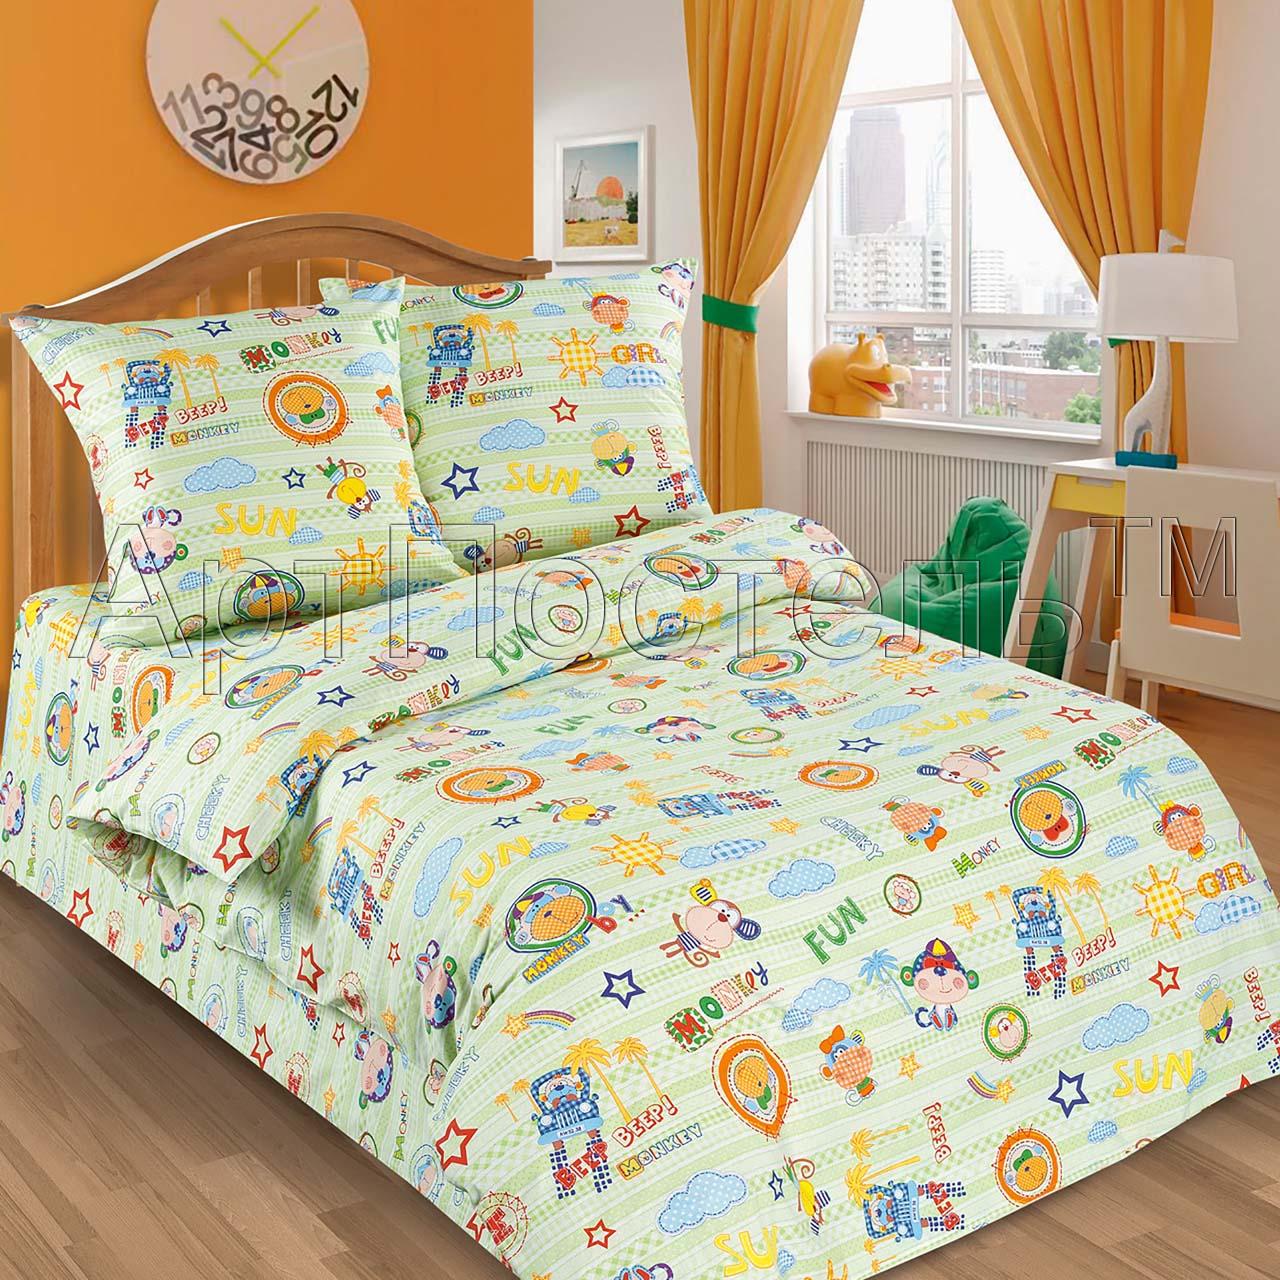 Детский комплект  Улыбка , размер 1,5 сп. - Постельное белье артикул: 7885